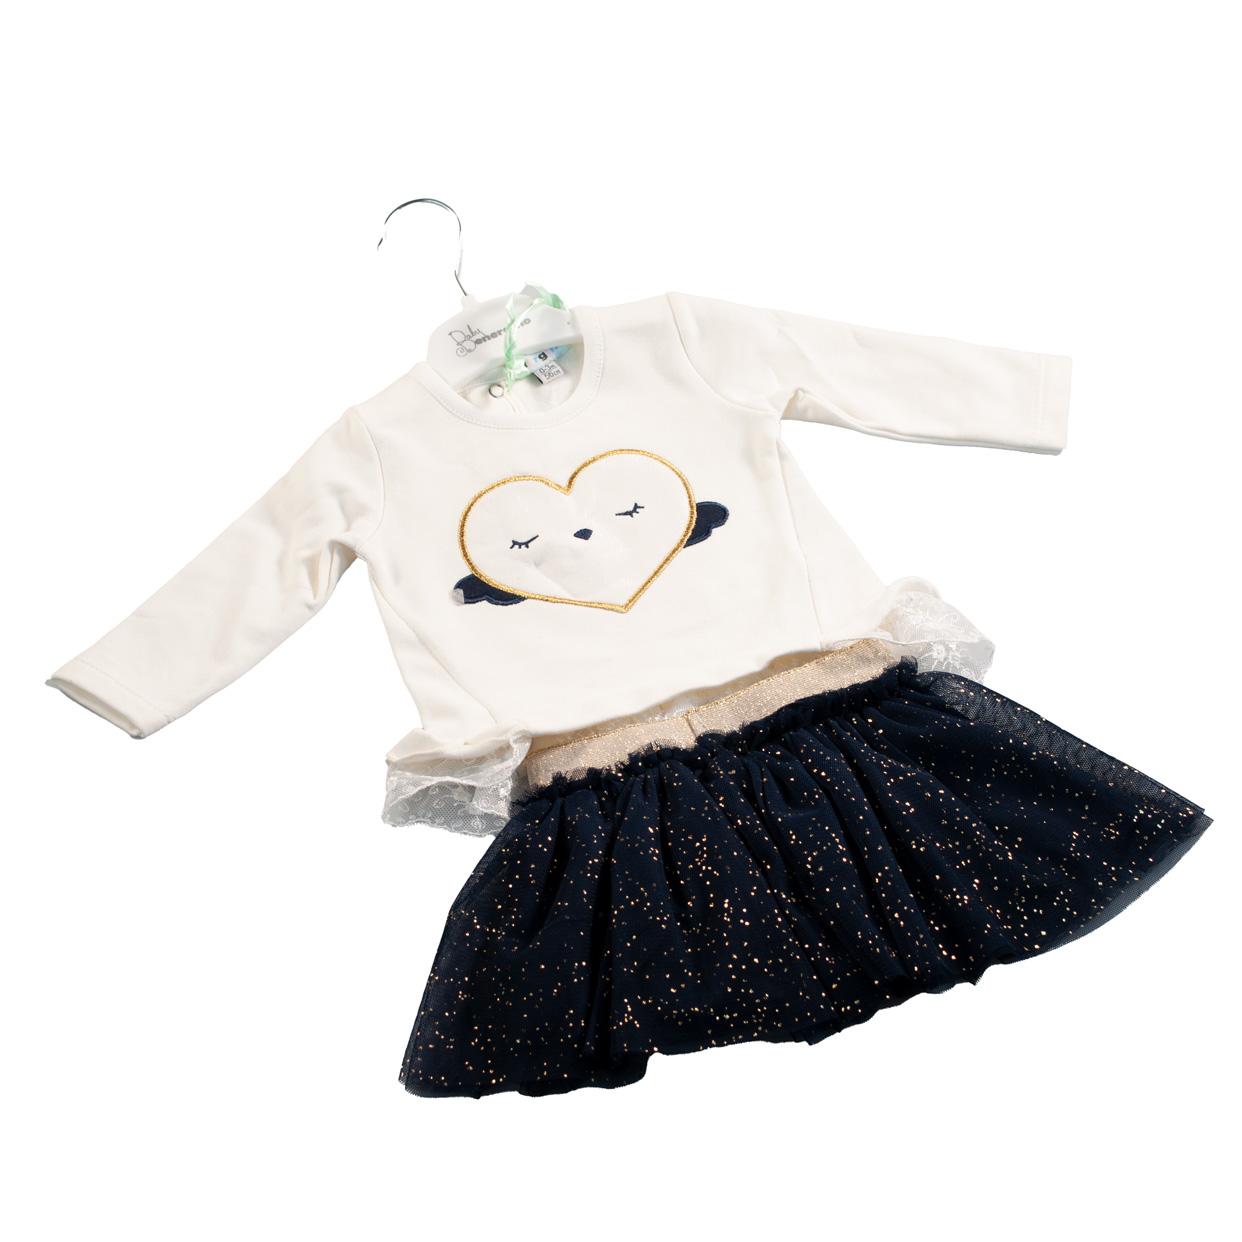 Completo neonata con maglia in pizzo e gonna in tulle